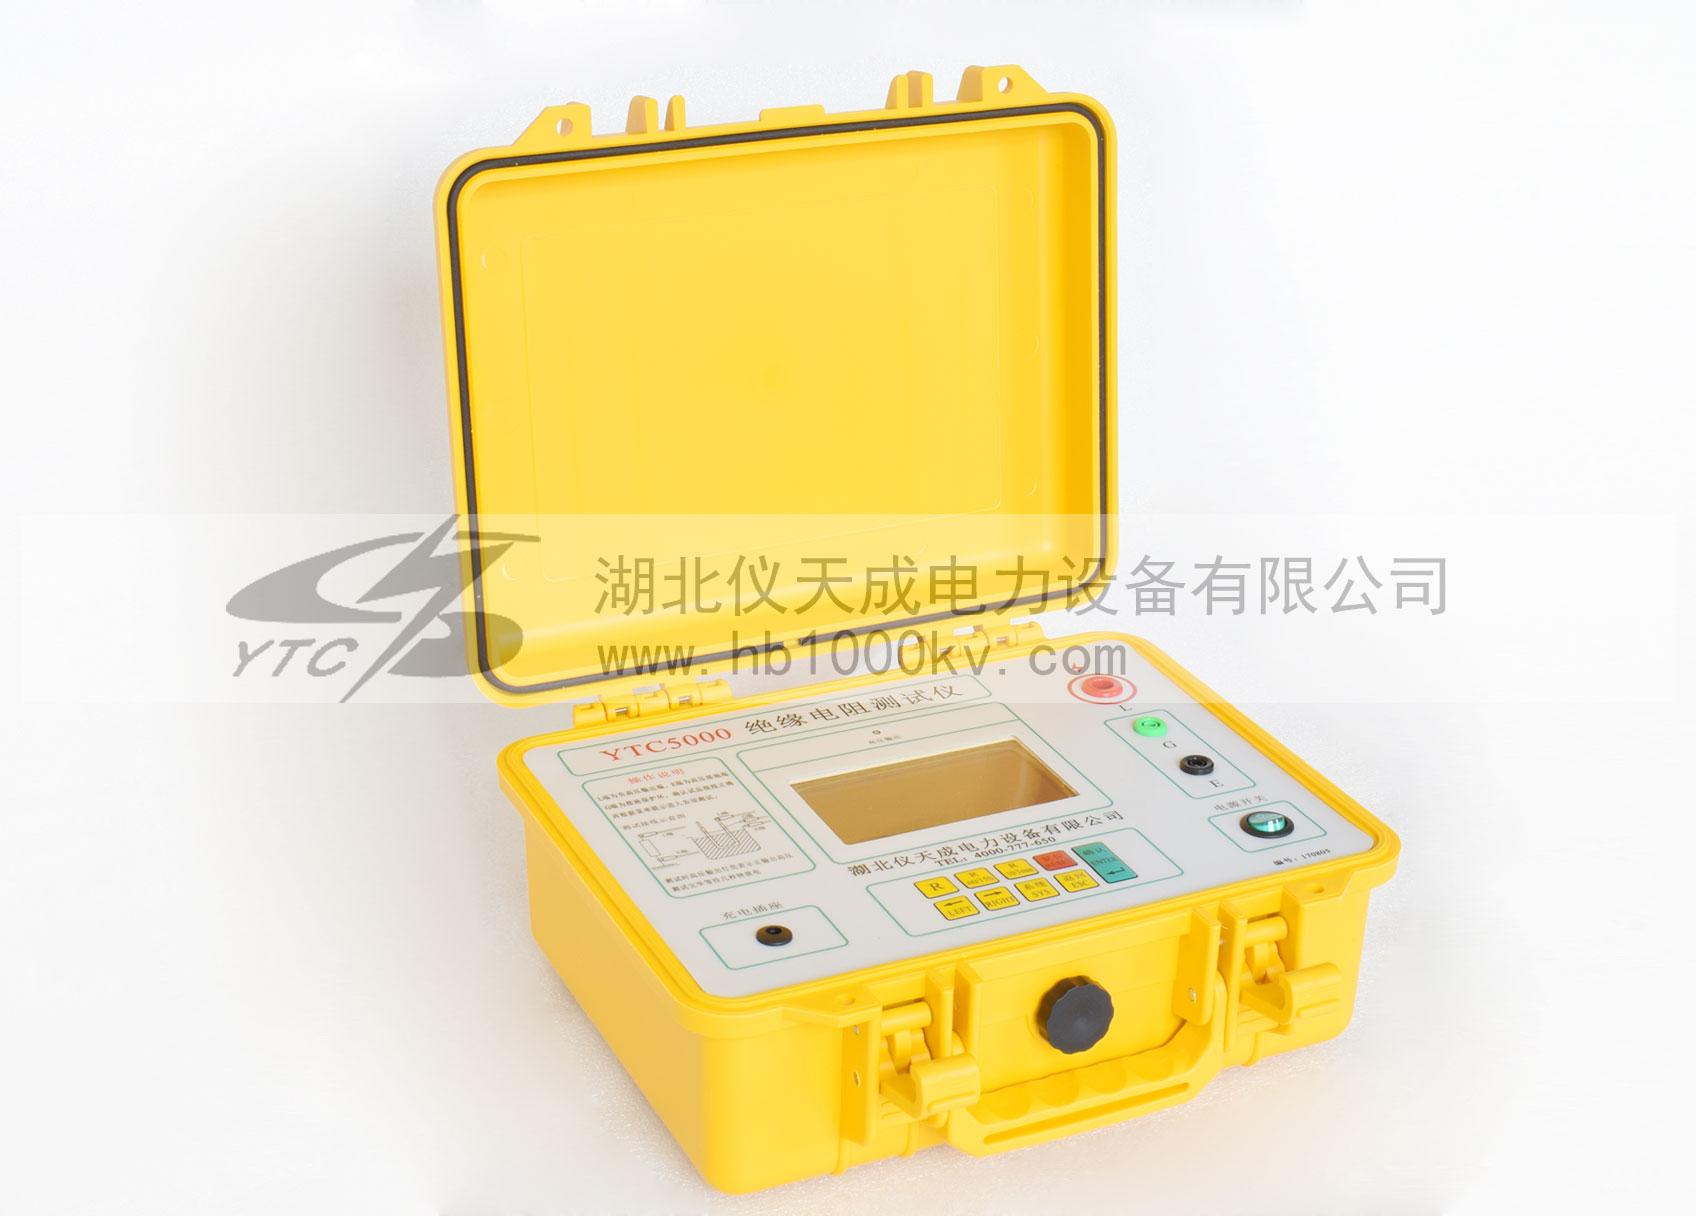 YTC5000智能绝缘电阻测试仪